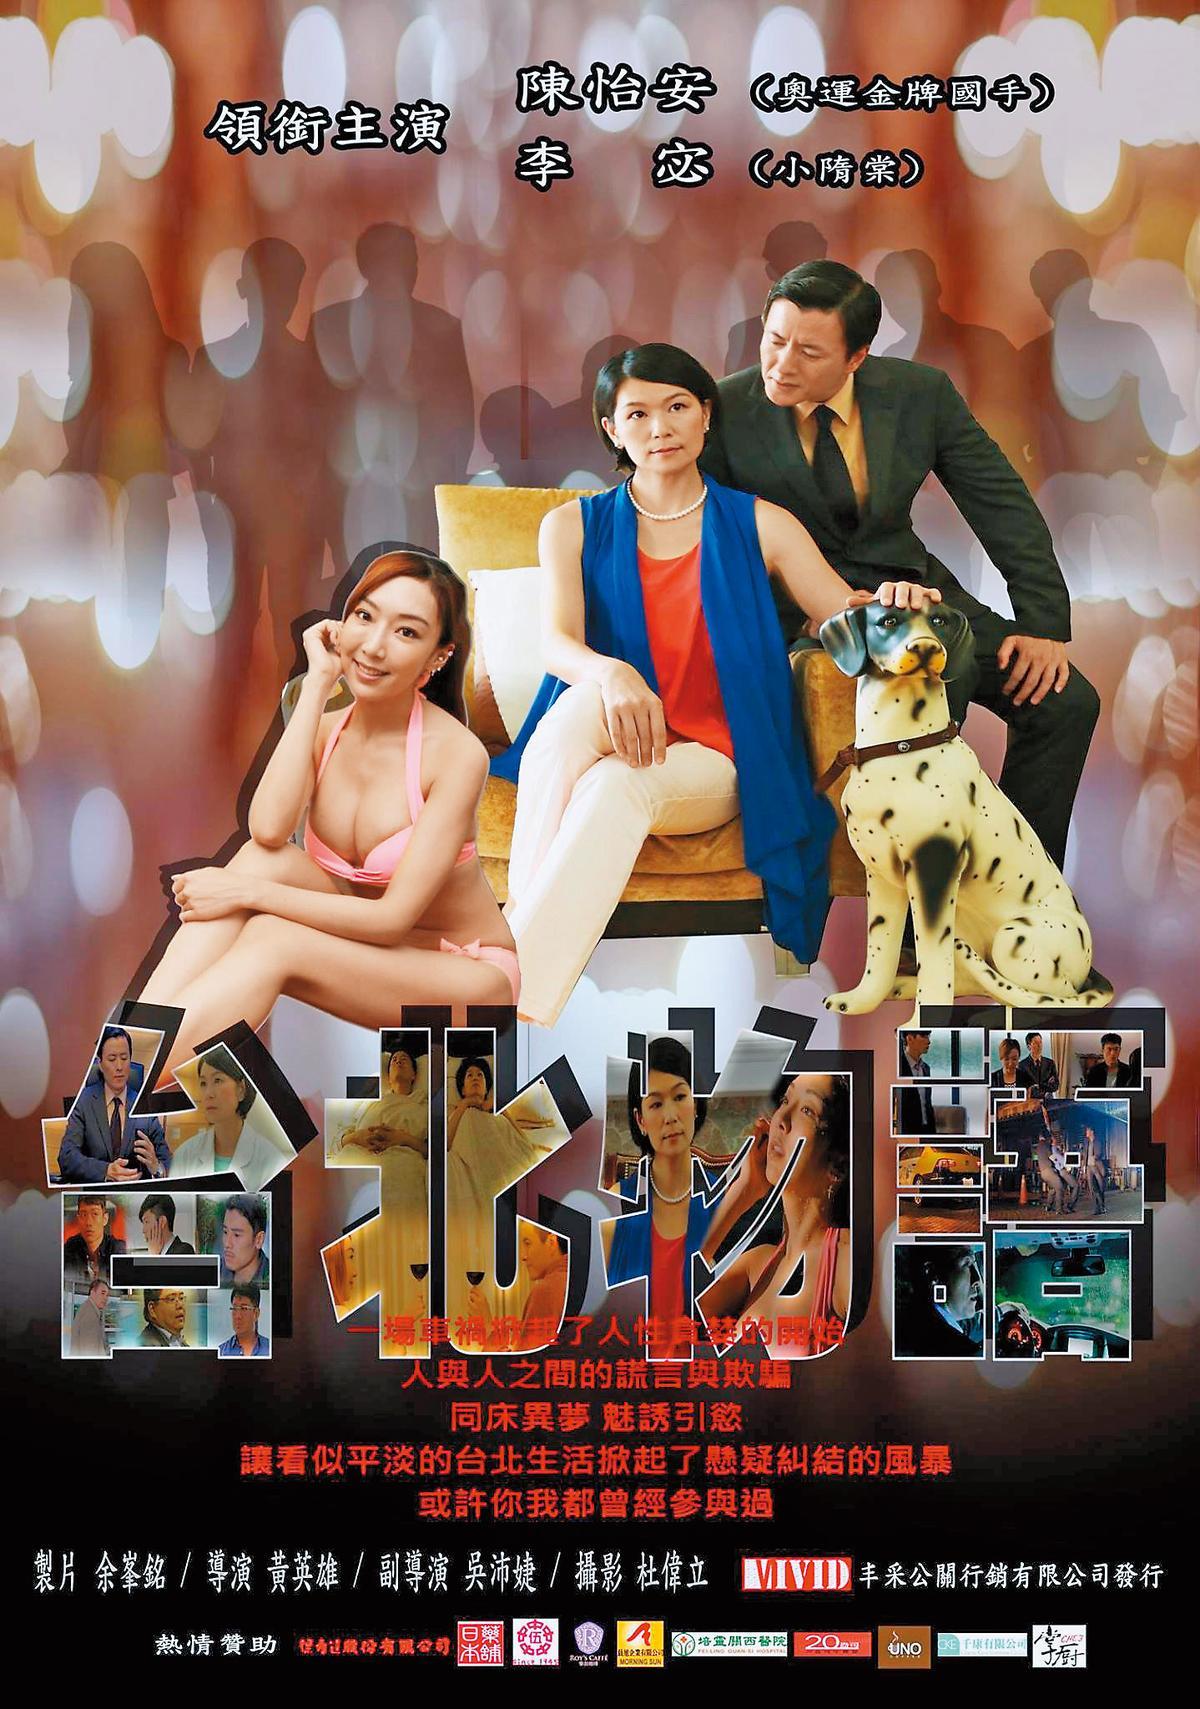 電影《台北物語》上映,讓李宓開始受到關注。(翻攝自李宓臉書)